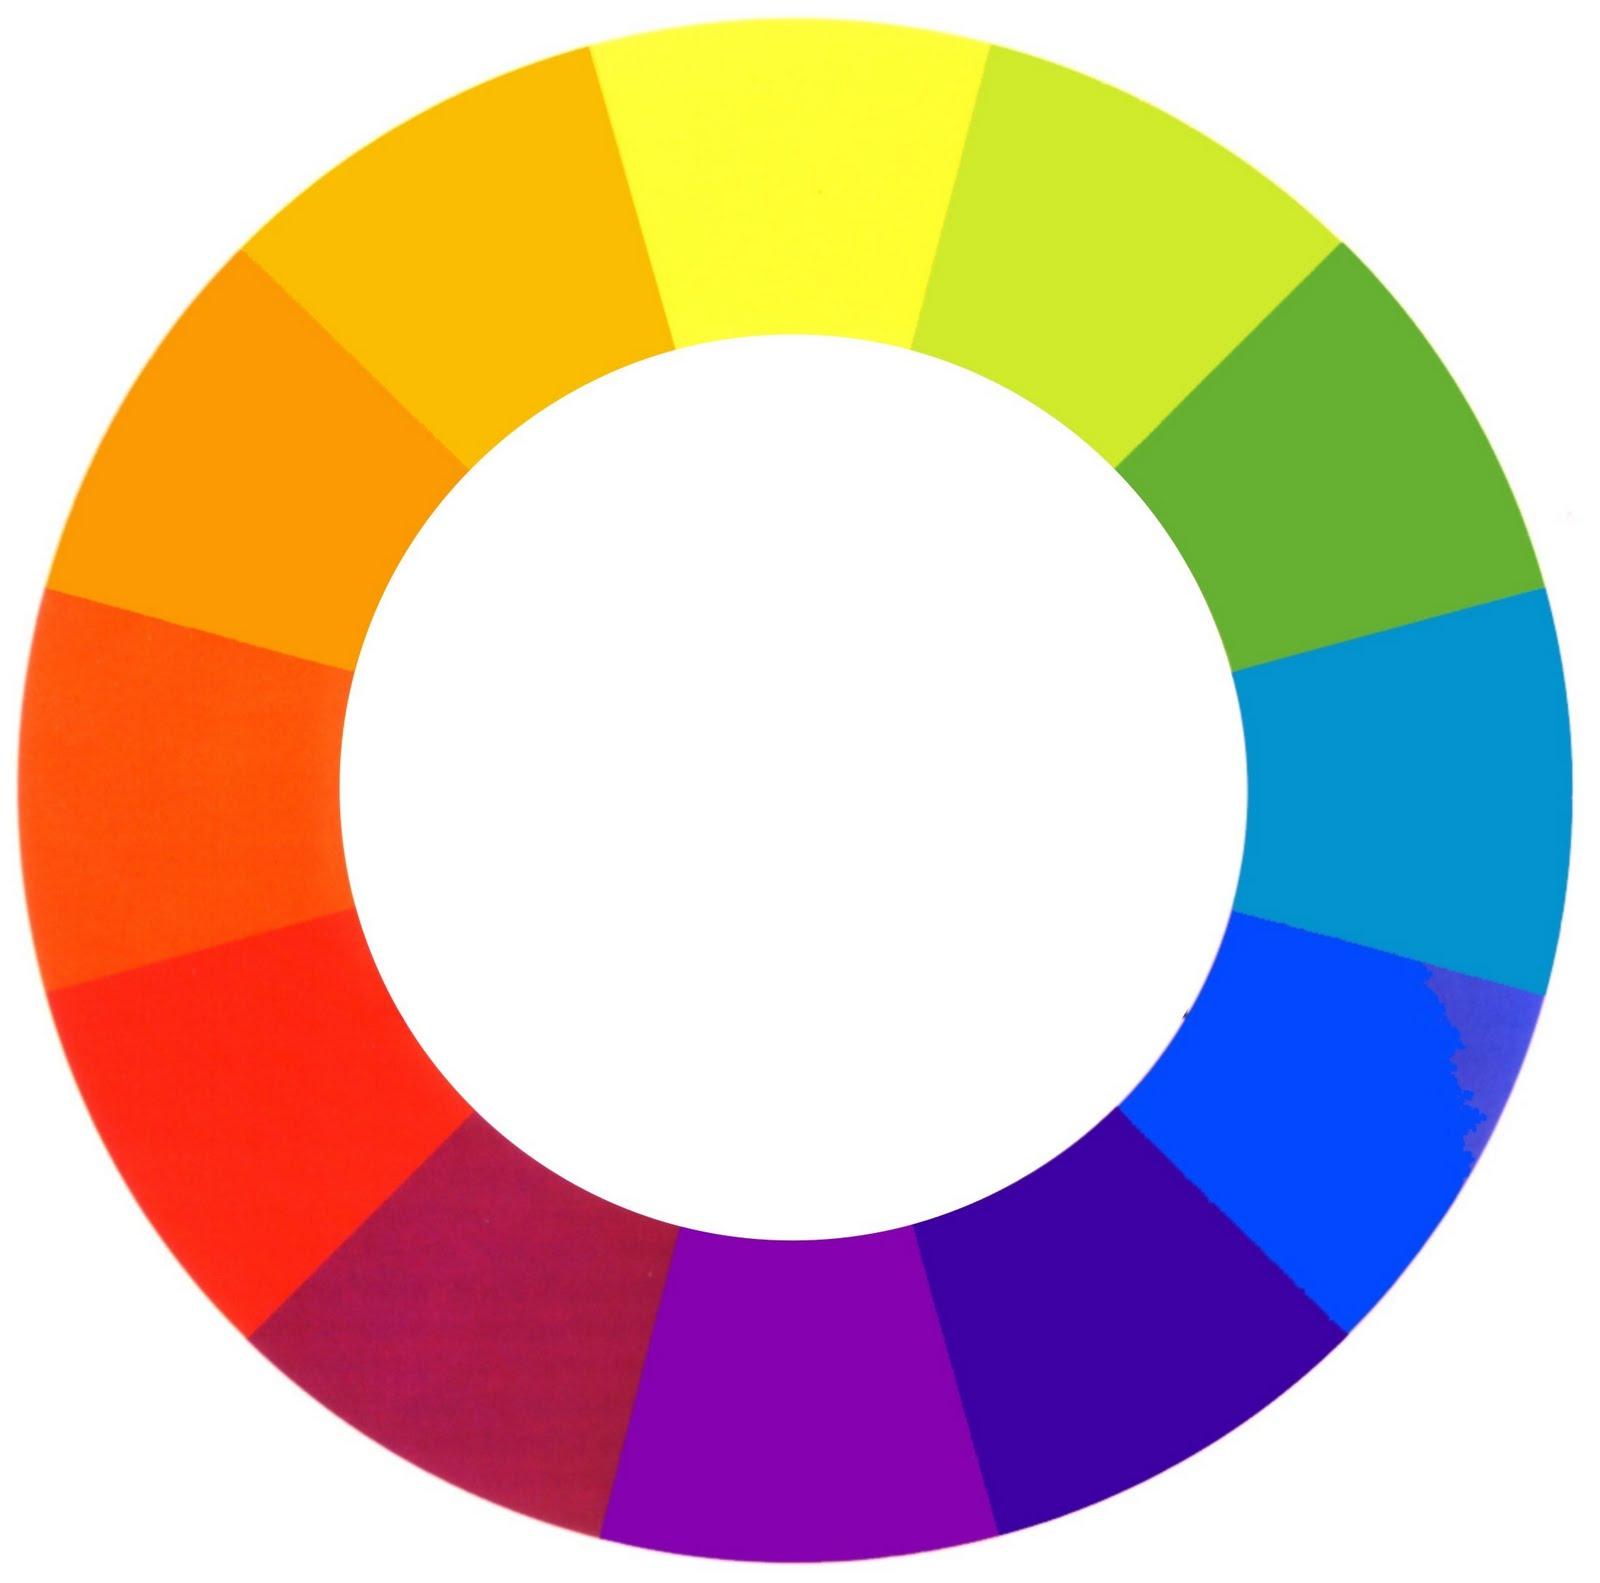 Bit cora de belleza combinar los colores - Circulo cromatico 12 colores ...